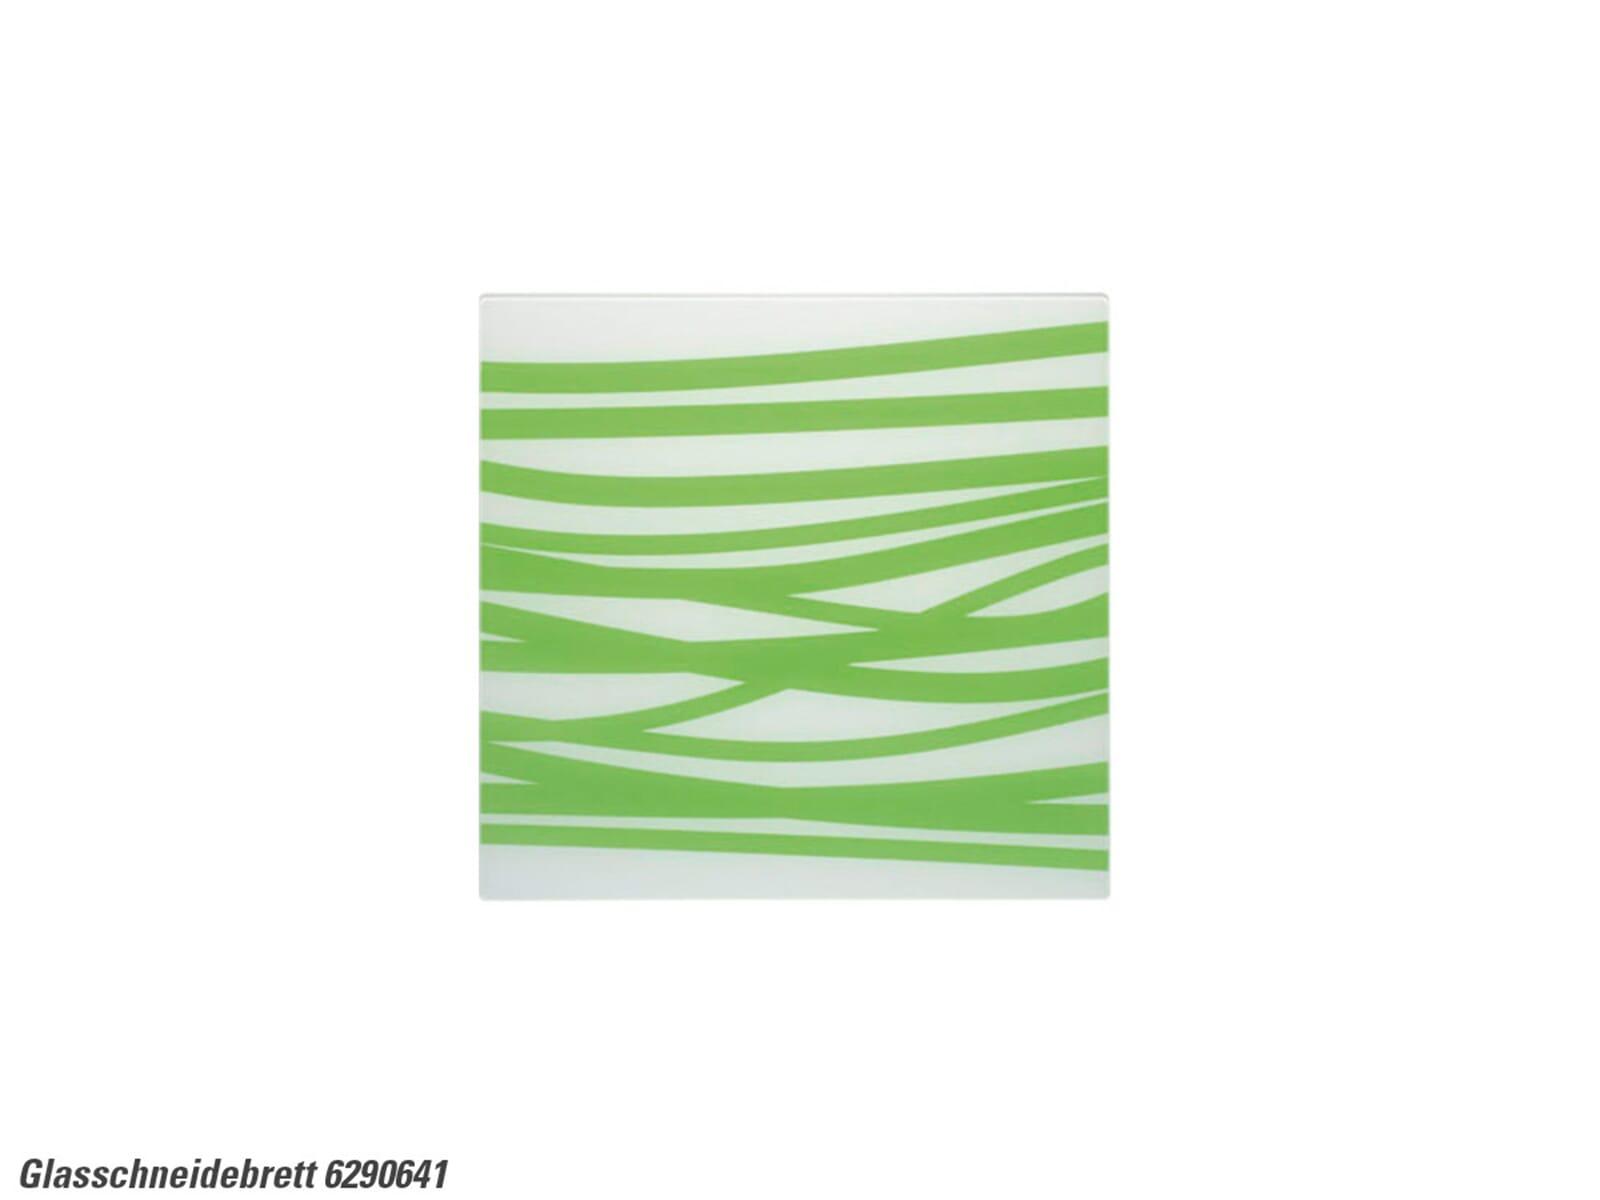 Schock 629064/1 Glasschneidebrett weiß-grün